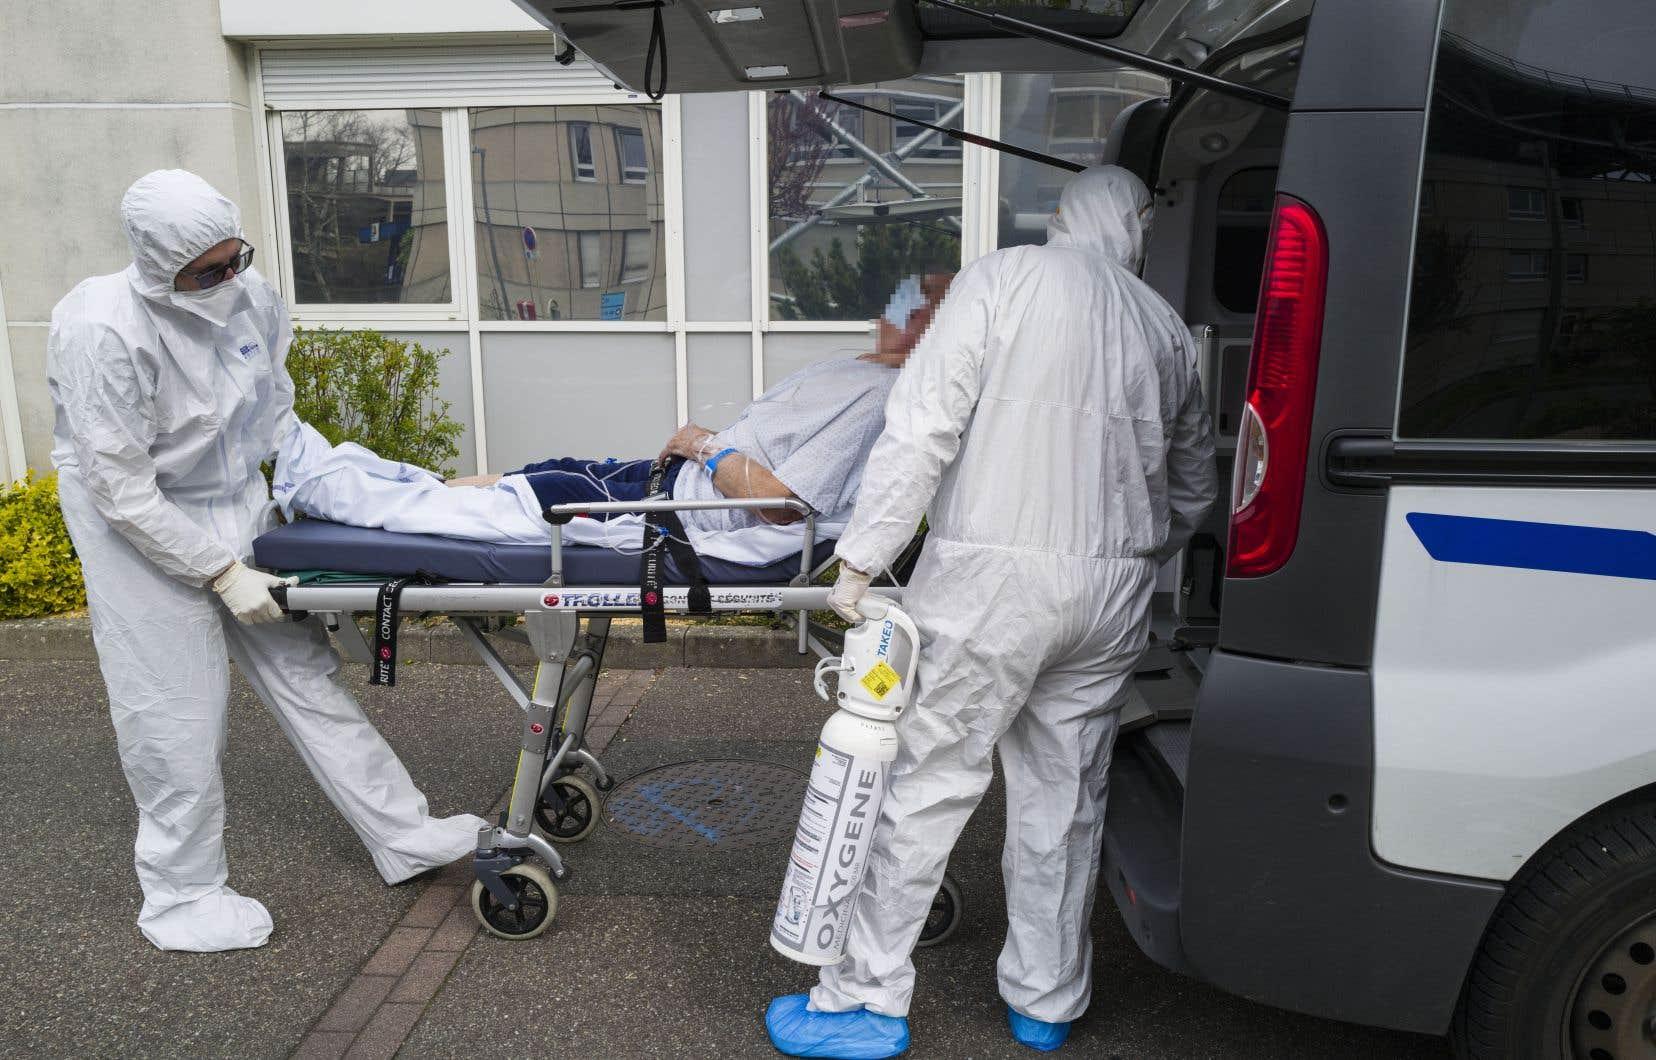 Les cas de coronavirus dans le monde atteignent 500 000; Le nombre de morts aux États-Unis dépasse les 1000